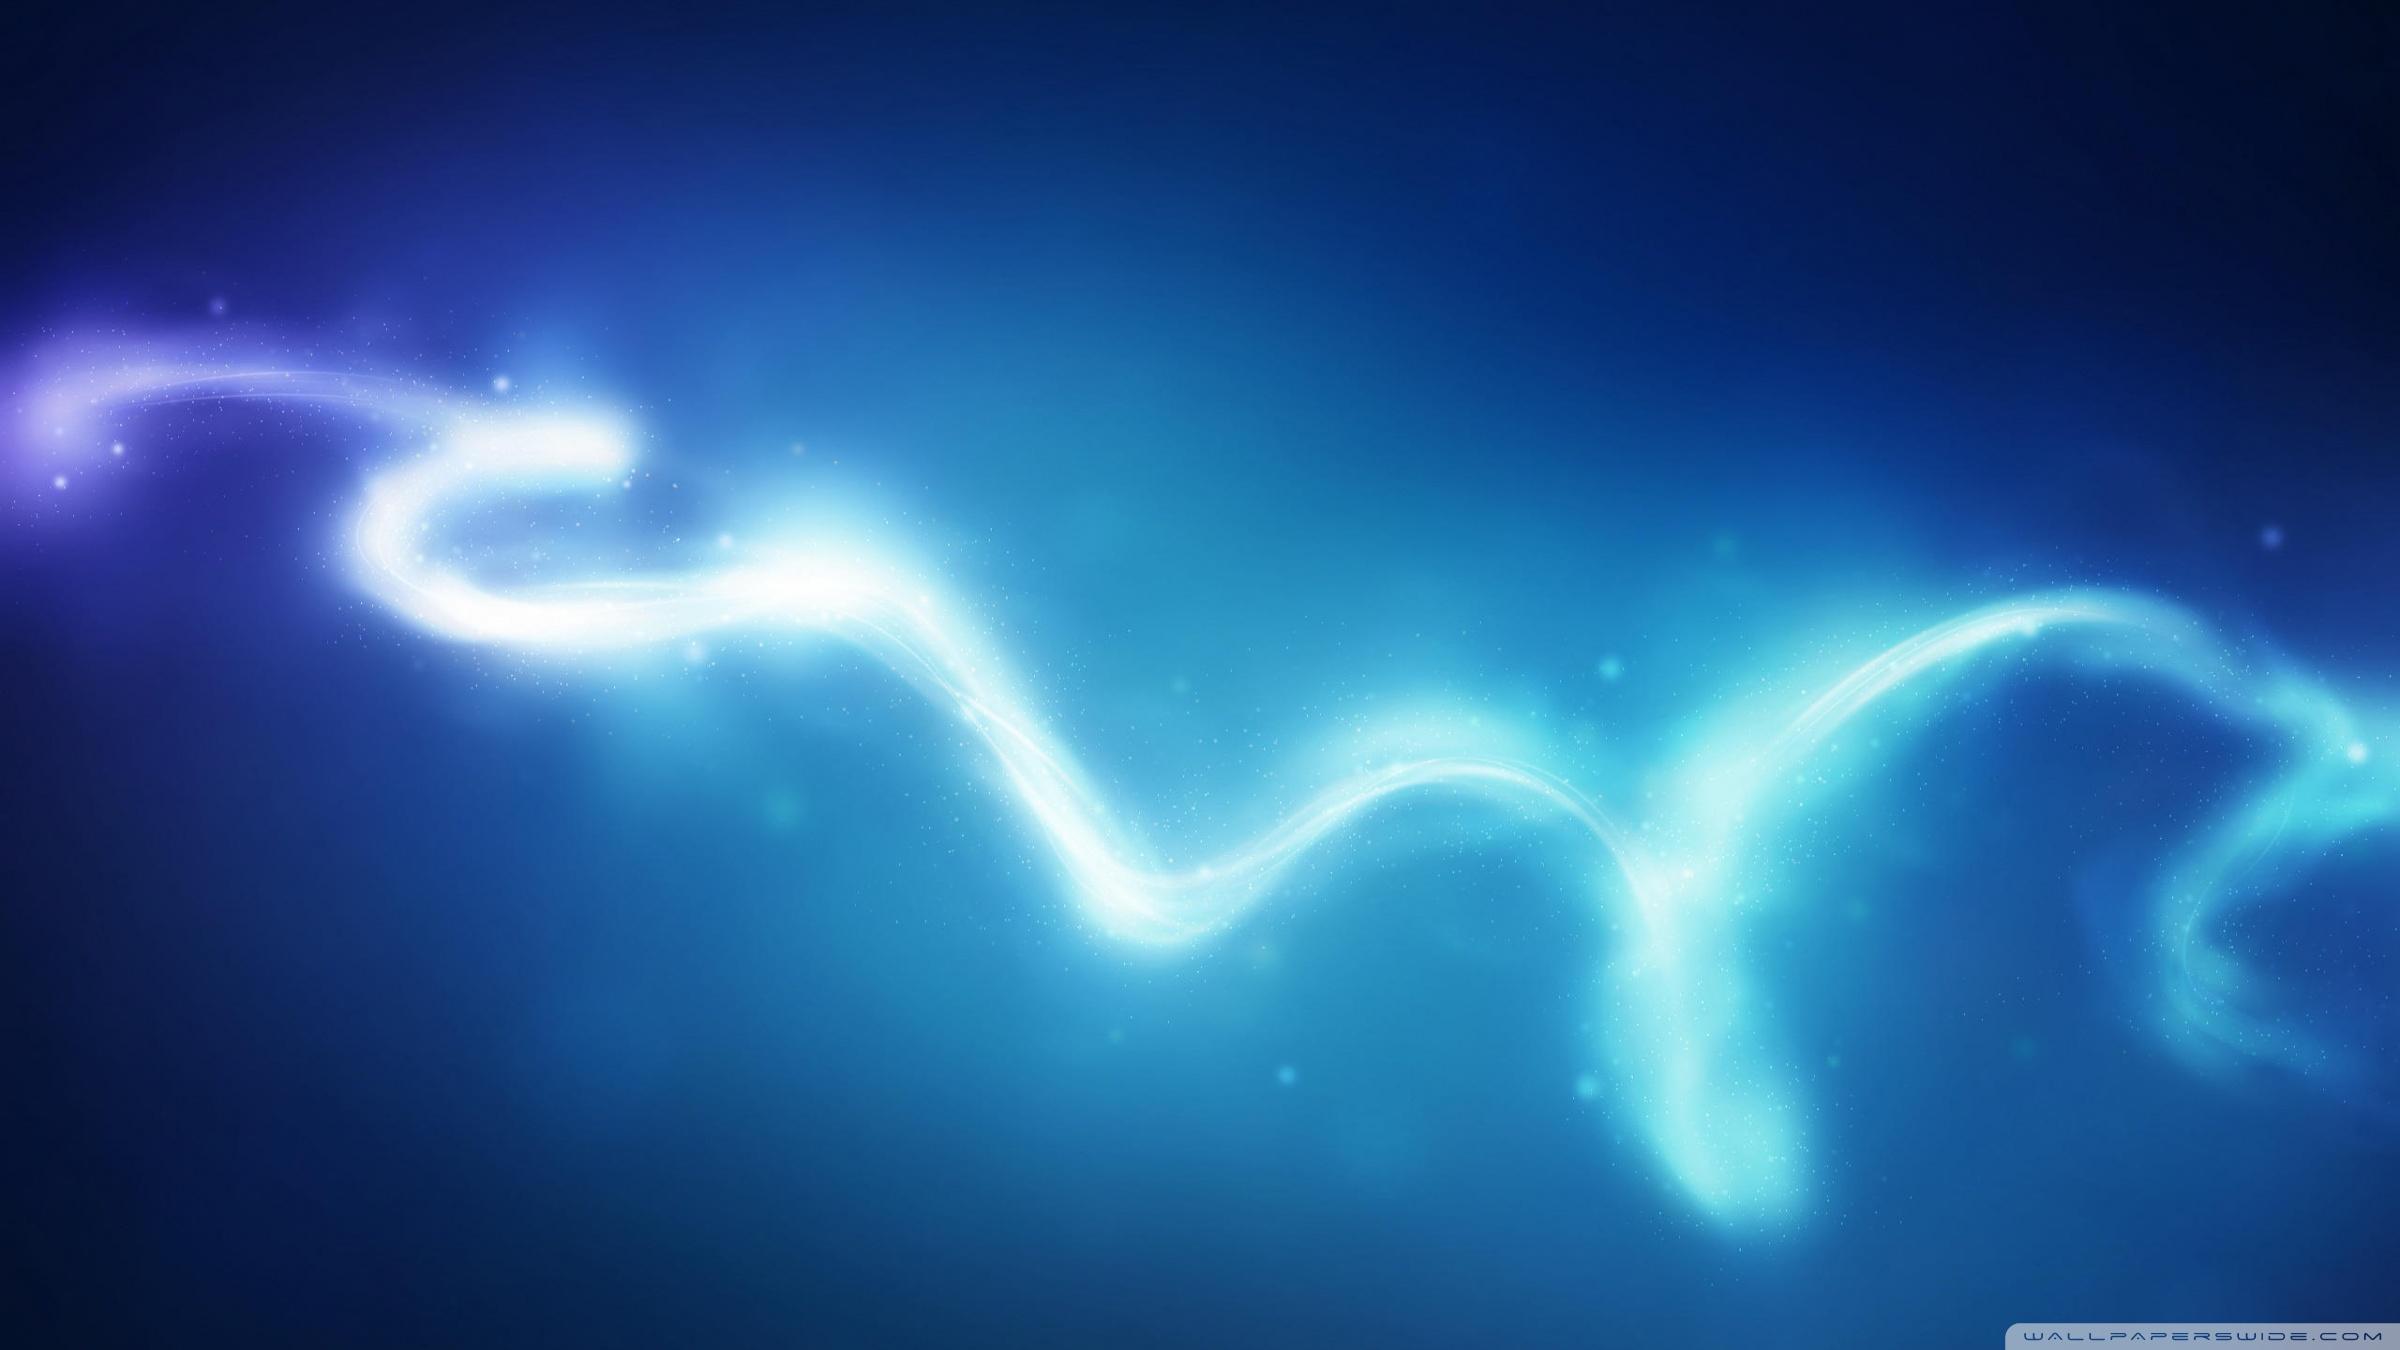 Blue Light HD desktop wallpaper : High Definition : Fullscreen